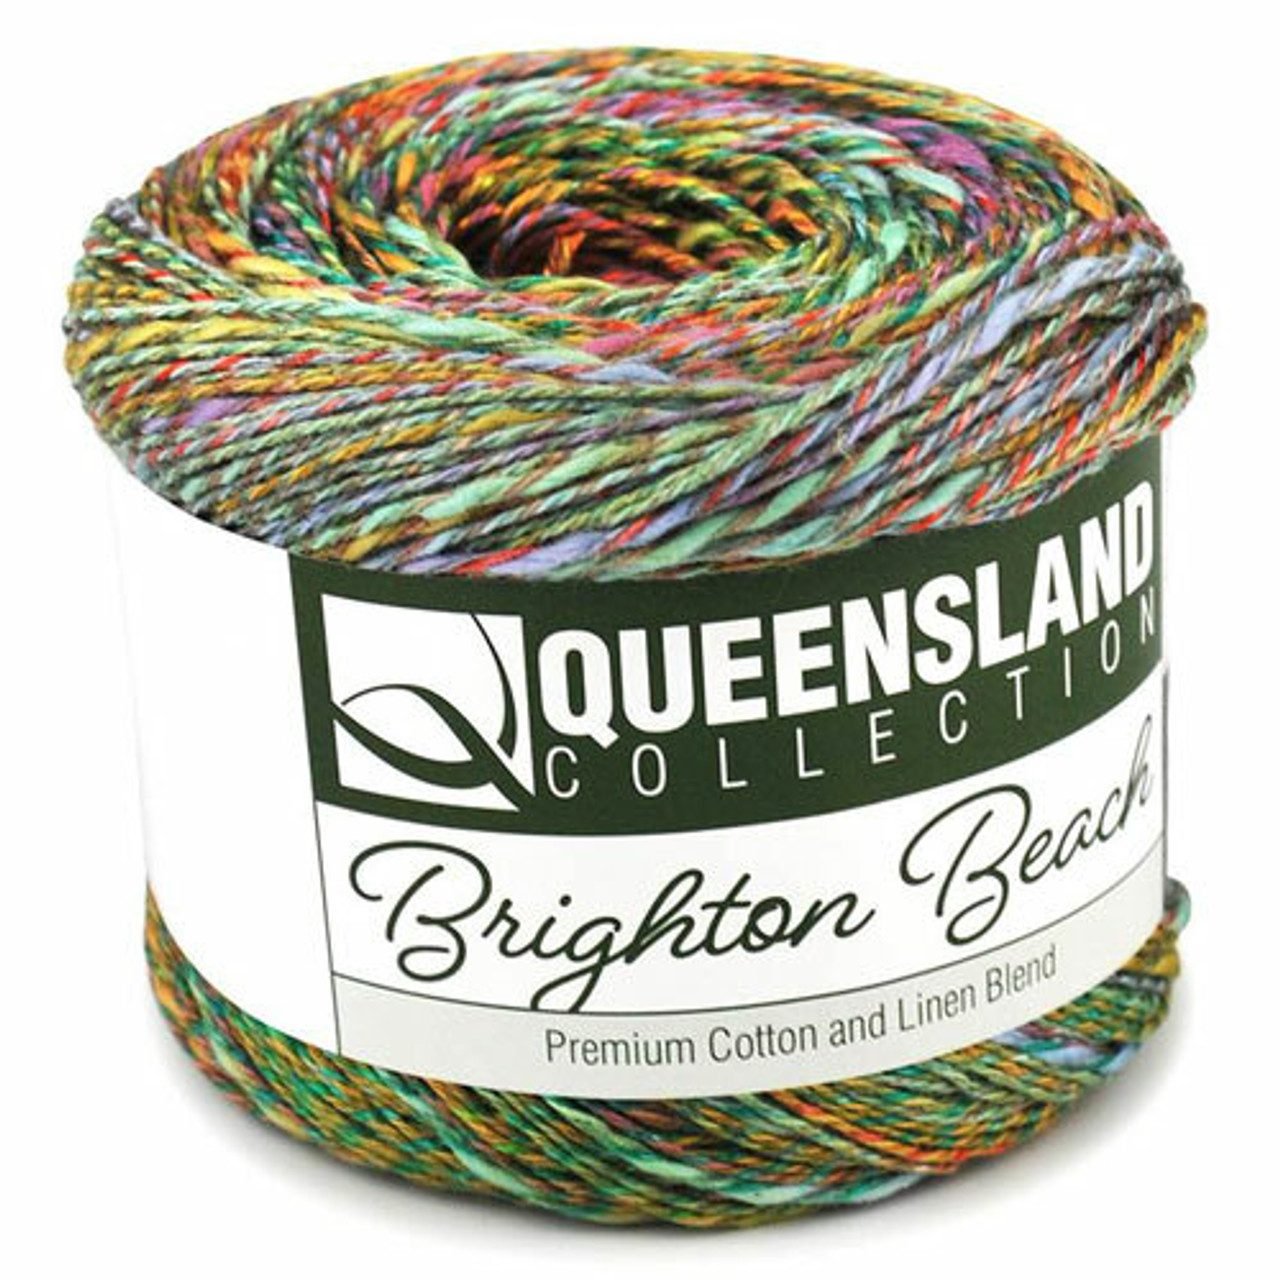 Queensland Collection - Brighton Beach   Yarn Store